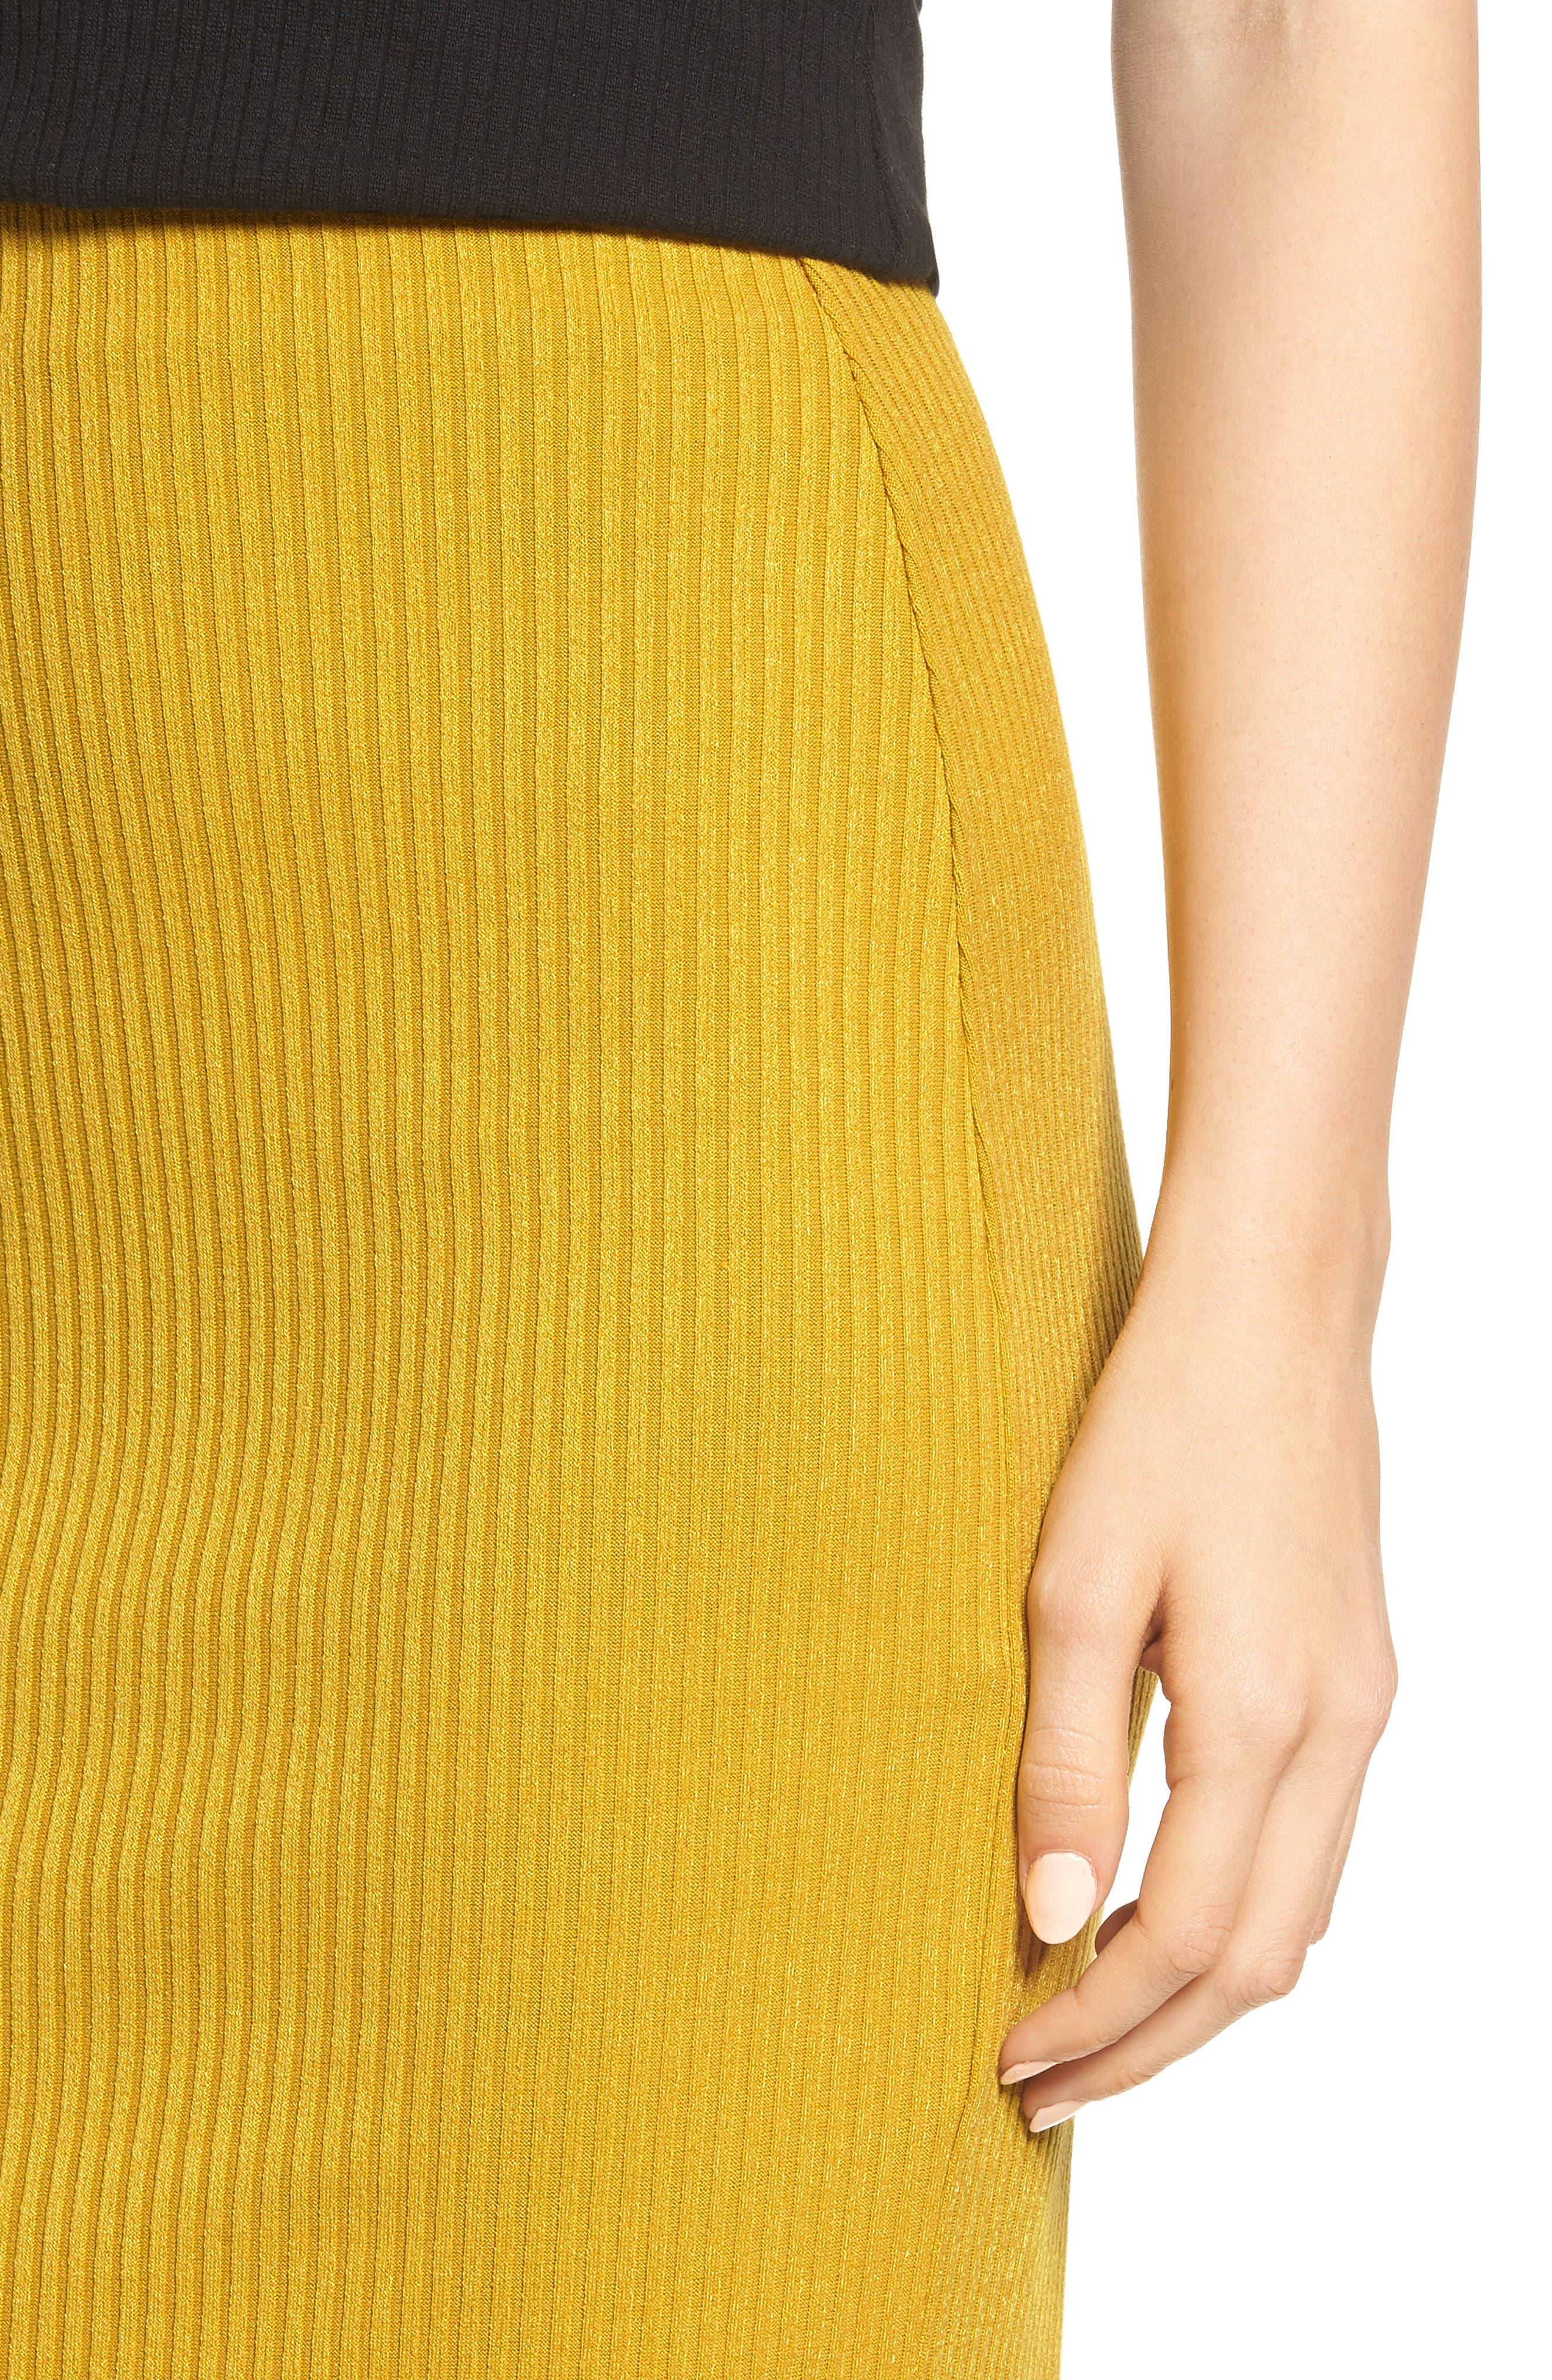 Rib Knit Pencil Skirt,                             Alternate thumbnail 4, color,                             700